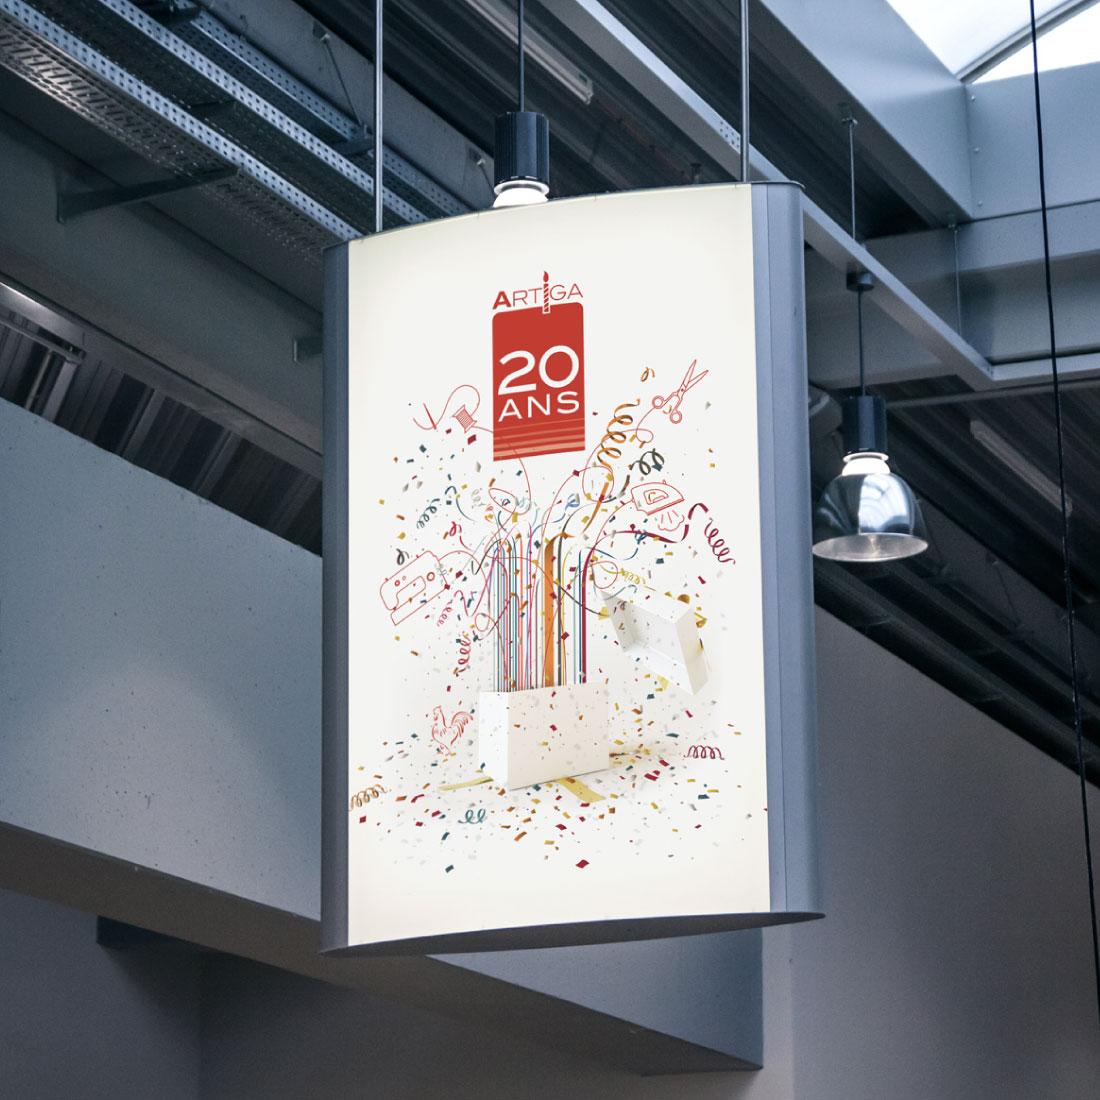 Rea-logo-Artiga-20ans